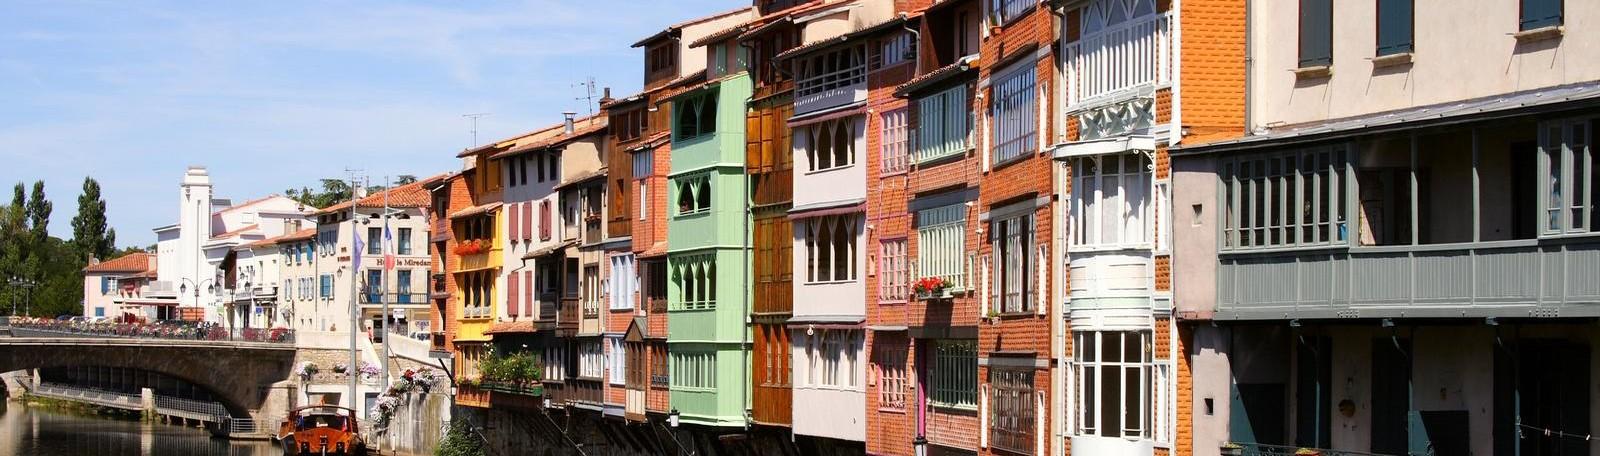 Parking République - Place de l'Alsace Lorraine 81100 Castres